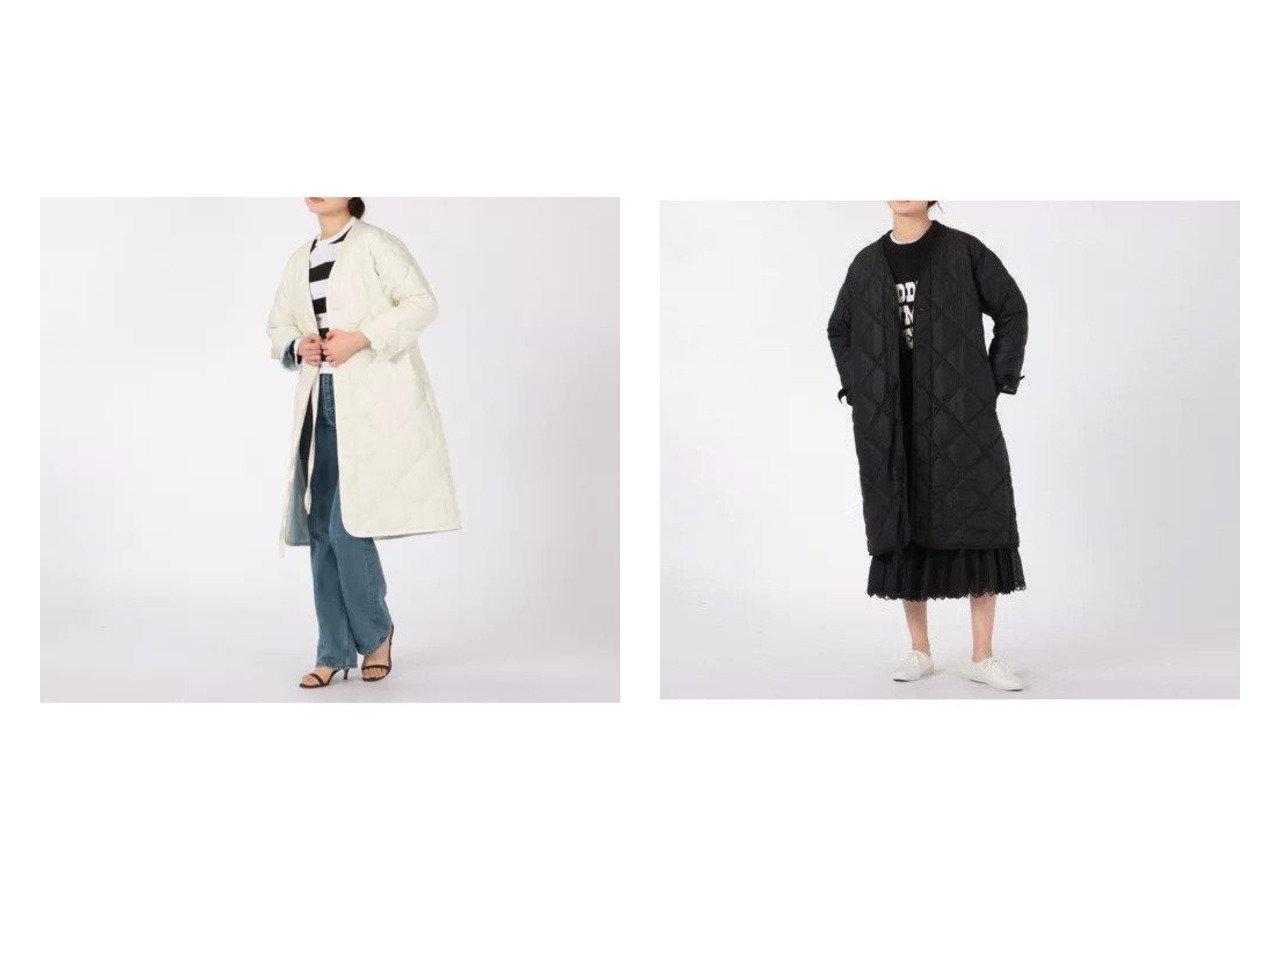 【MADISONBLUE/マディソンブルー】のLINER COAT D QUILTING COAT 【アウター】おすすめ!人気、トレンド・レディースファッションの通販 おすすめで人気の流行・トレンド、ファッションの通販商品 インテリア・家具・メンズファッション・キッズファッション・レディースファッション・服の通販 founy(ファニー) https://founy.com/ ファッション Fashion レディースファッション WOMEN アウター Coat Outerwear コート Coats A/W・秋冬 AW・Autumn/Winter・FW・Fall-Winter エレガント キルティング サテン ダウン ドレス ミリタリー |ID:crp329100000057894